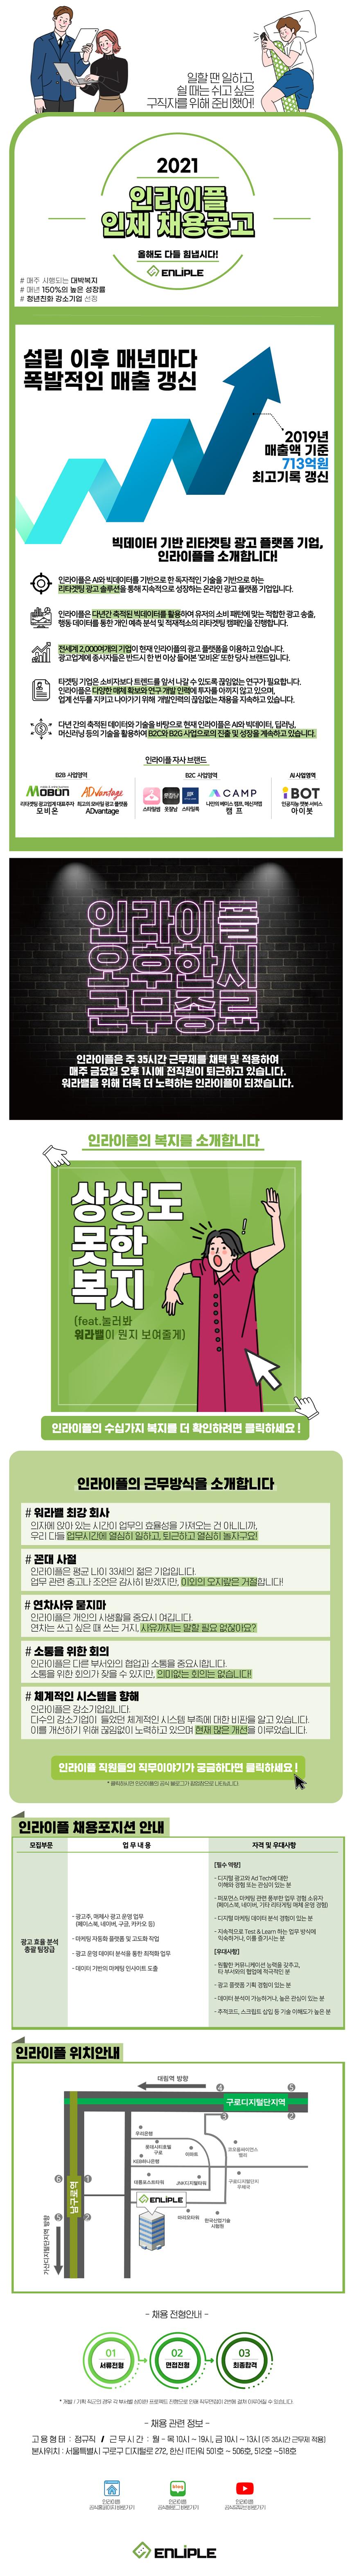 [업계1위/최강복지] 광고 운영 및 영업 지원 신입사원 채용